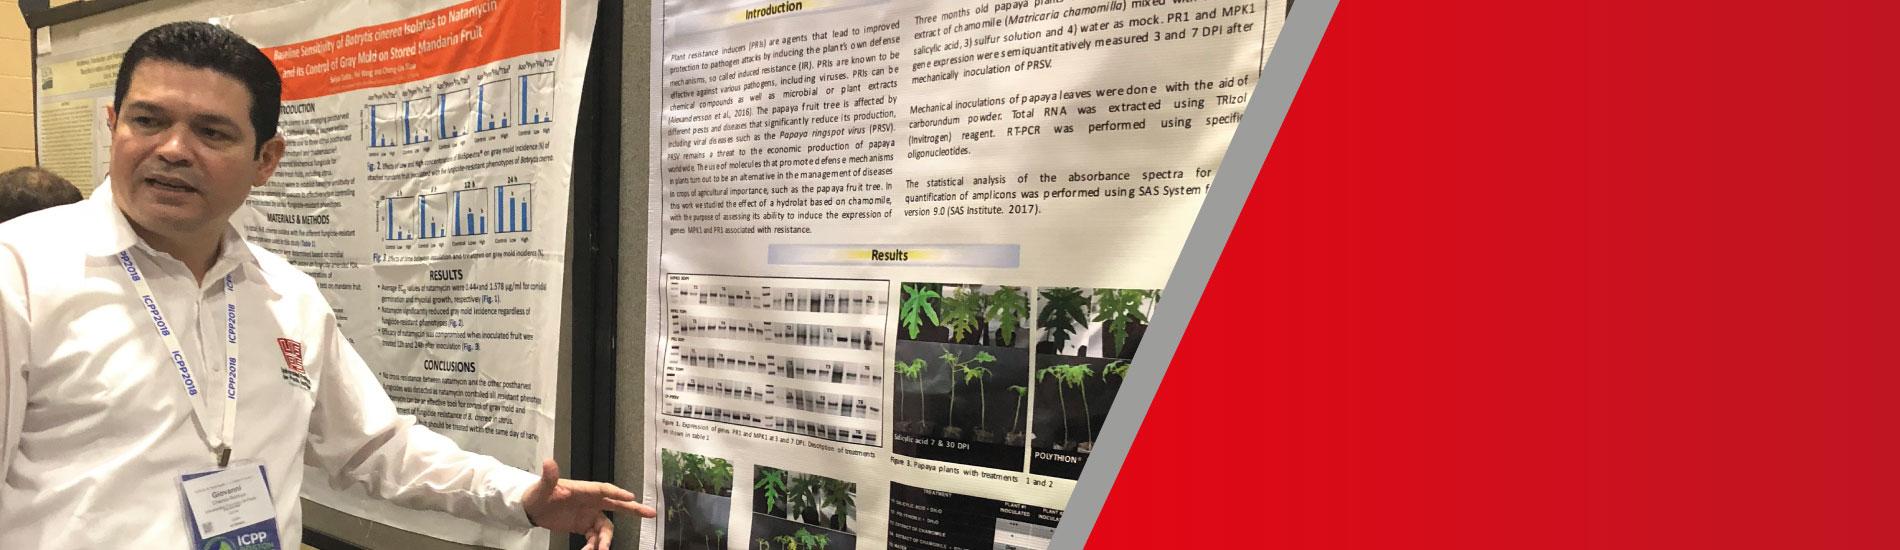 Docente UFPS presente en el XI Congreso Internacional de Patología Vegetal